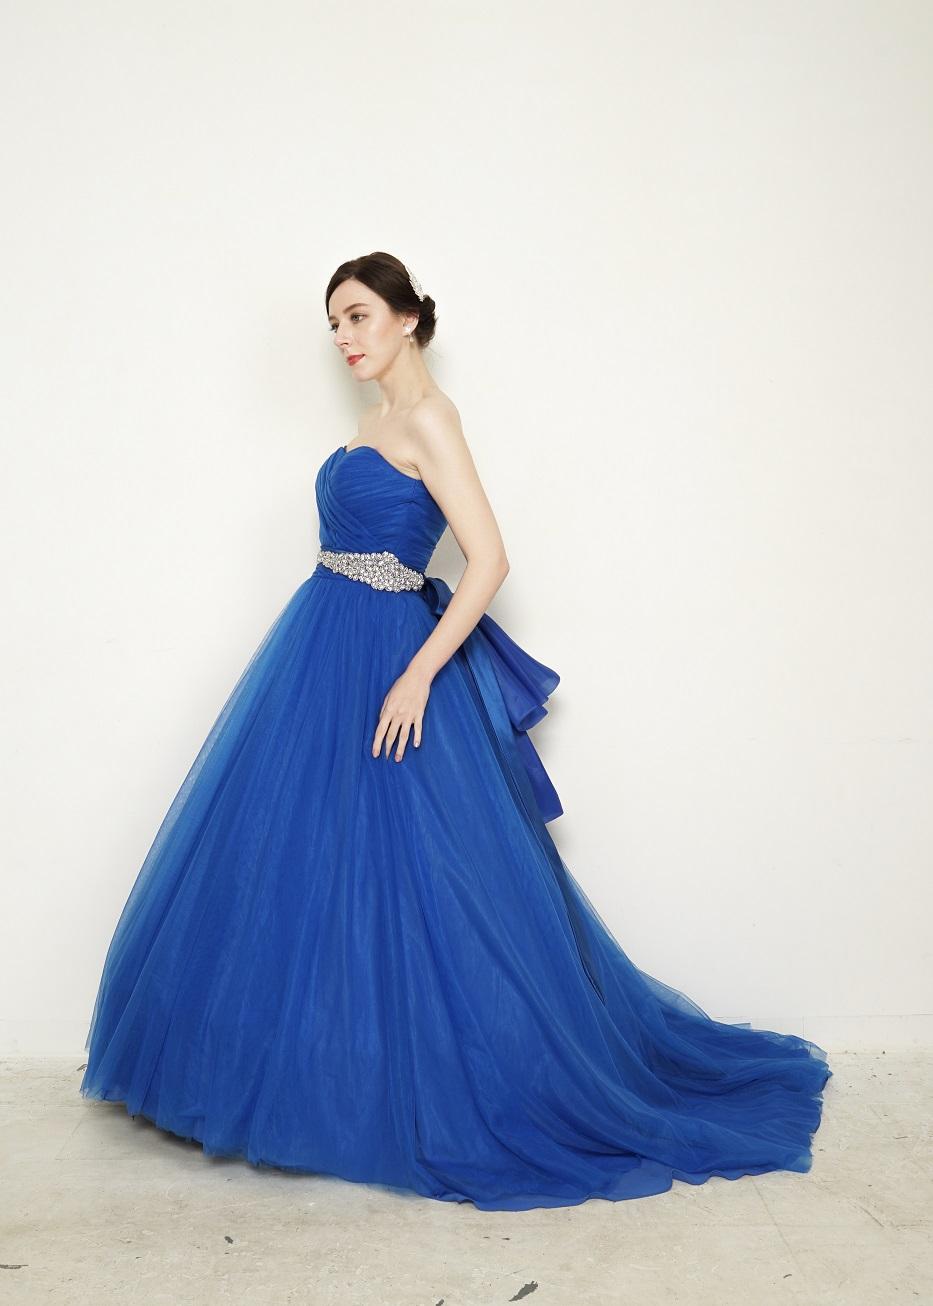 カラードレス 披露宴 1.5次会 2次会 シンプル ブルー チュール